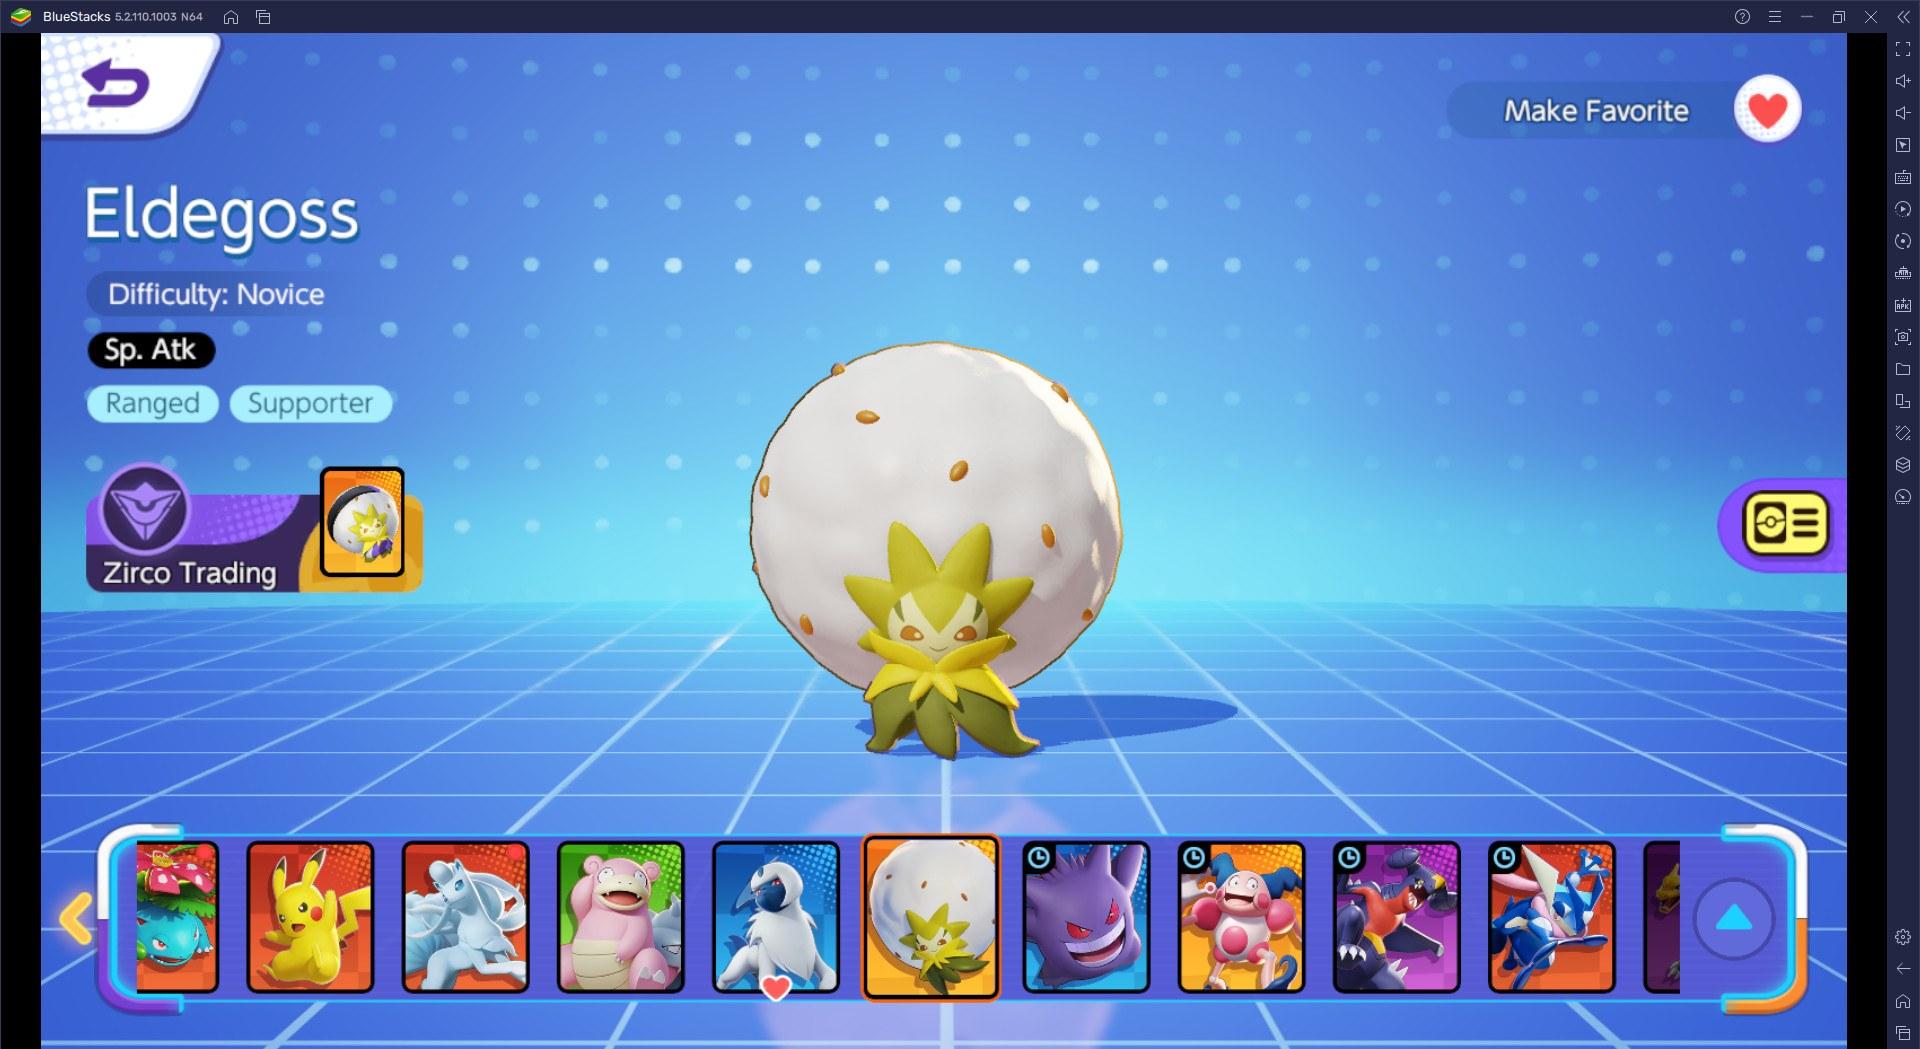 แนะนำโปเกมอนทุก Role ใน Pokémon UNITE